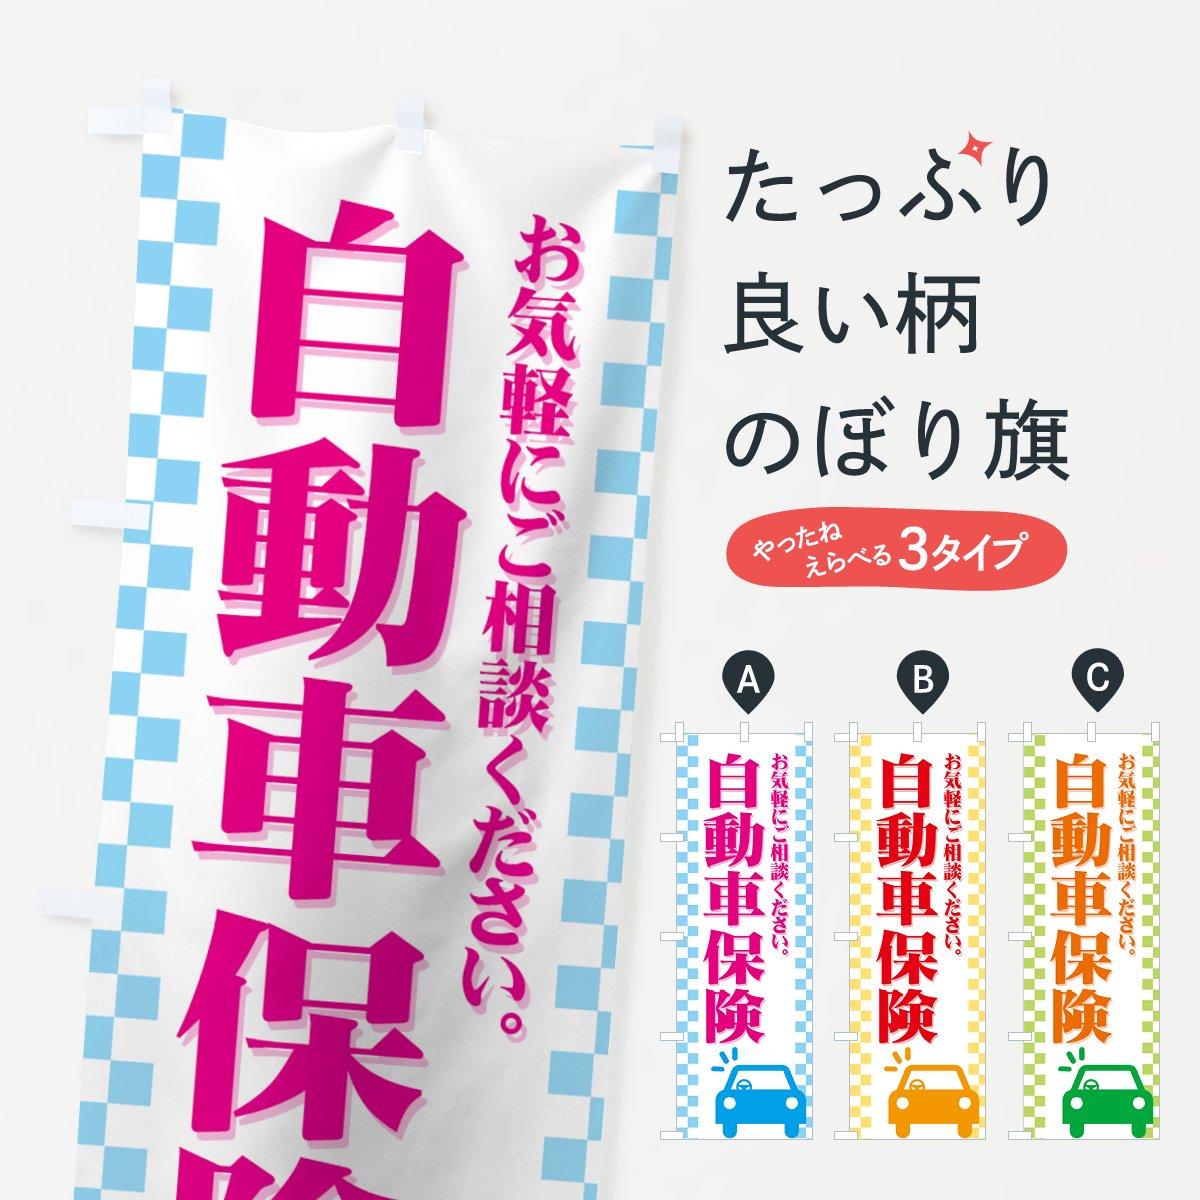 自動車保険のぼり旗【保険】[サービス業]